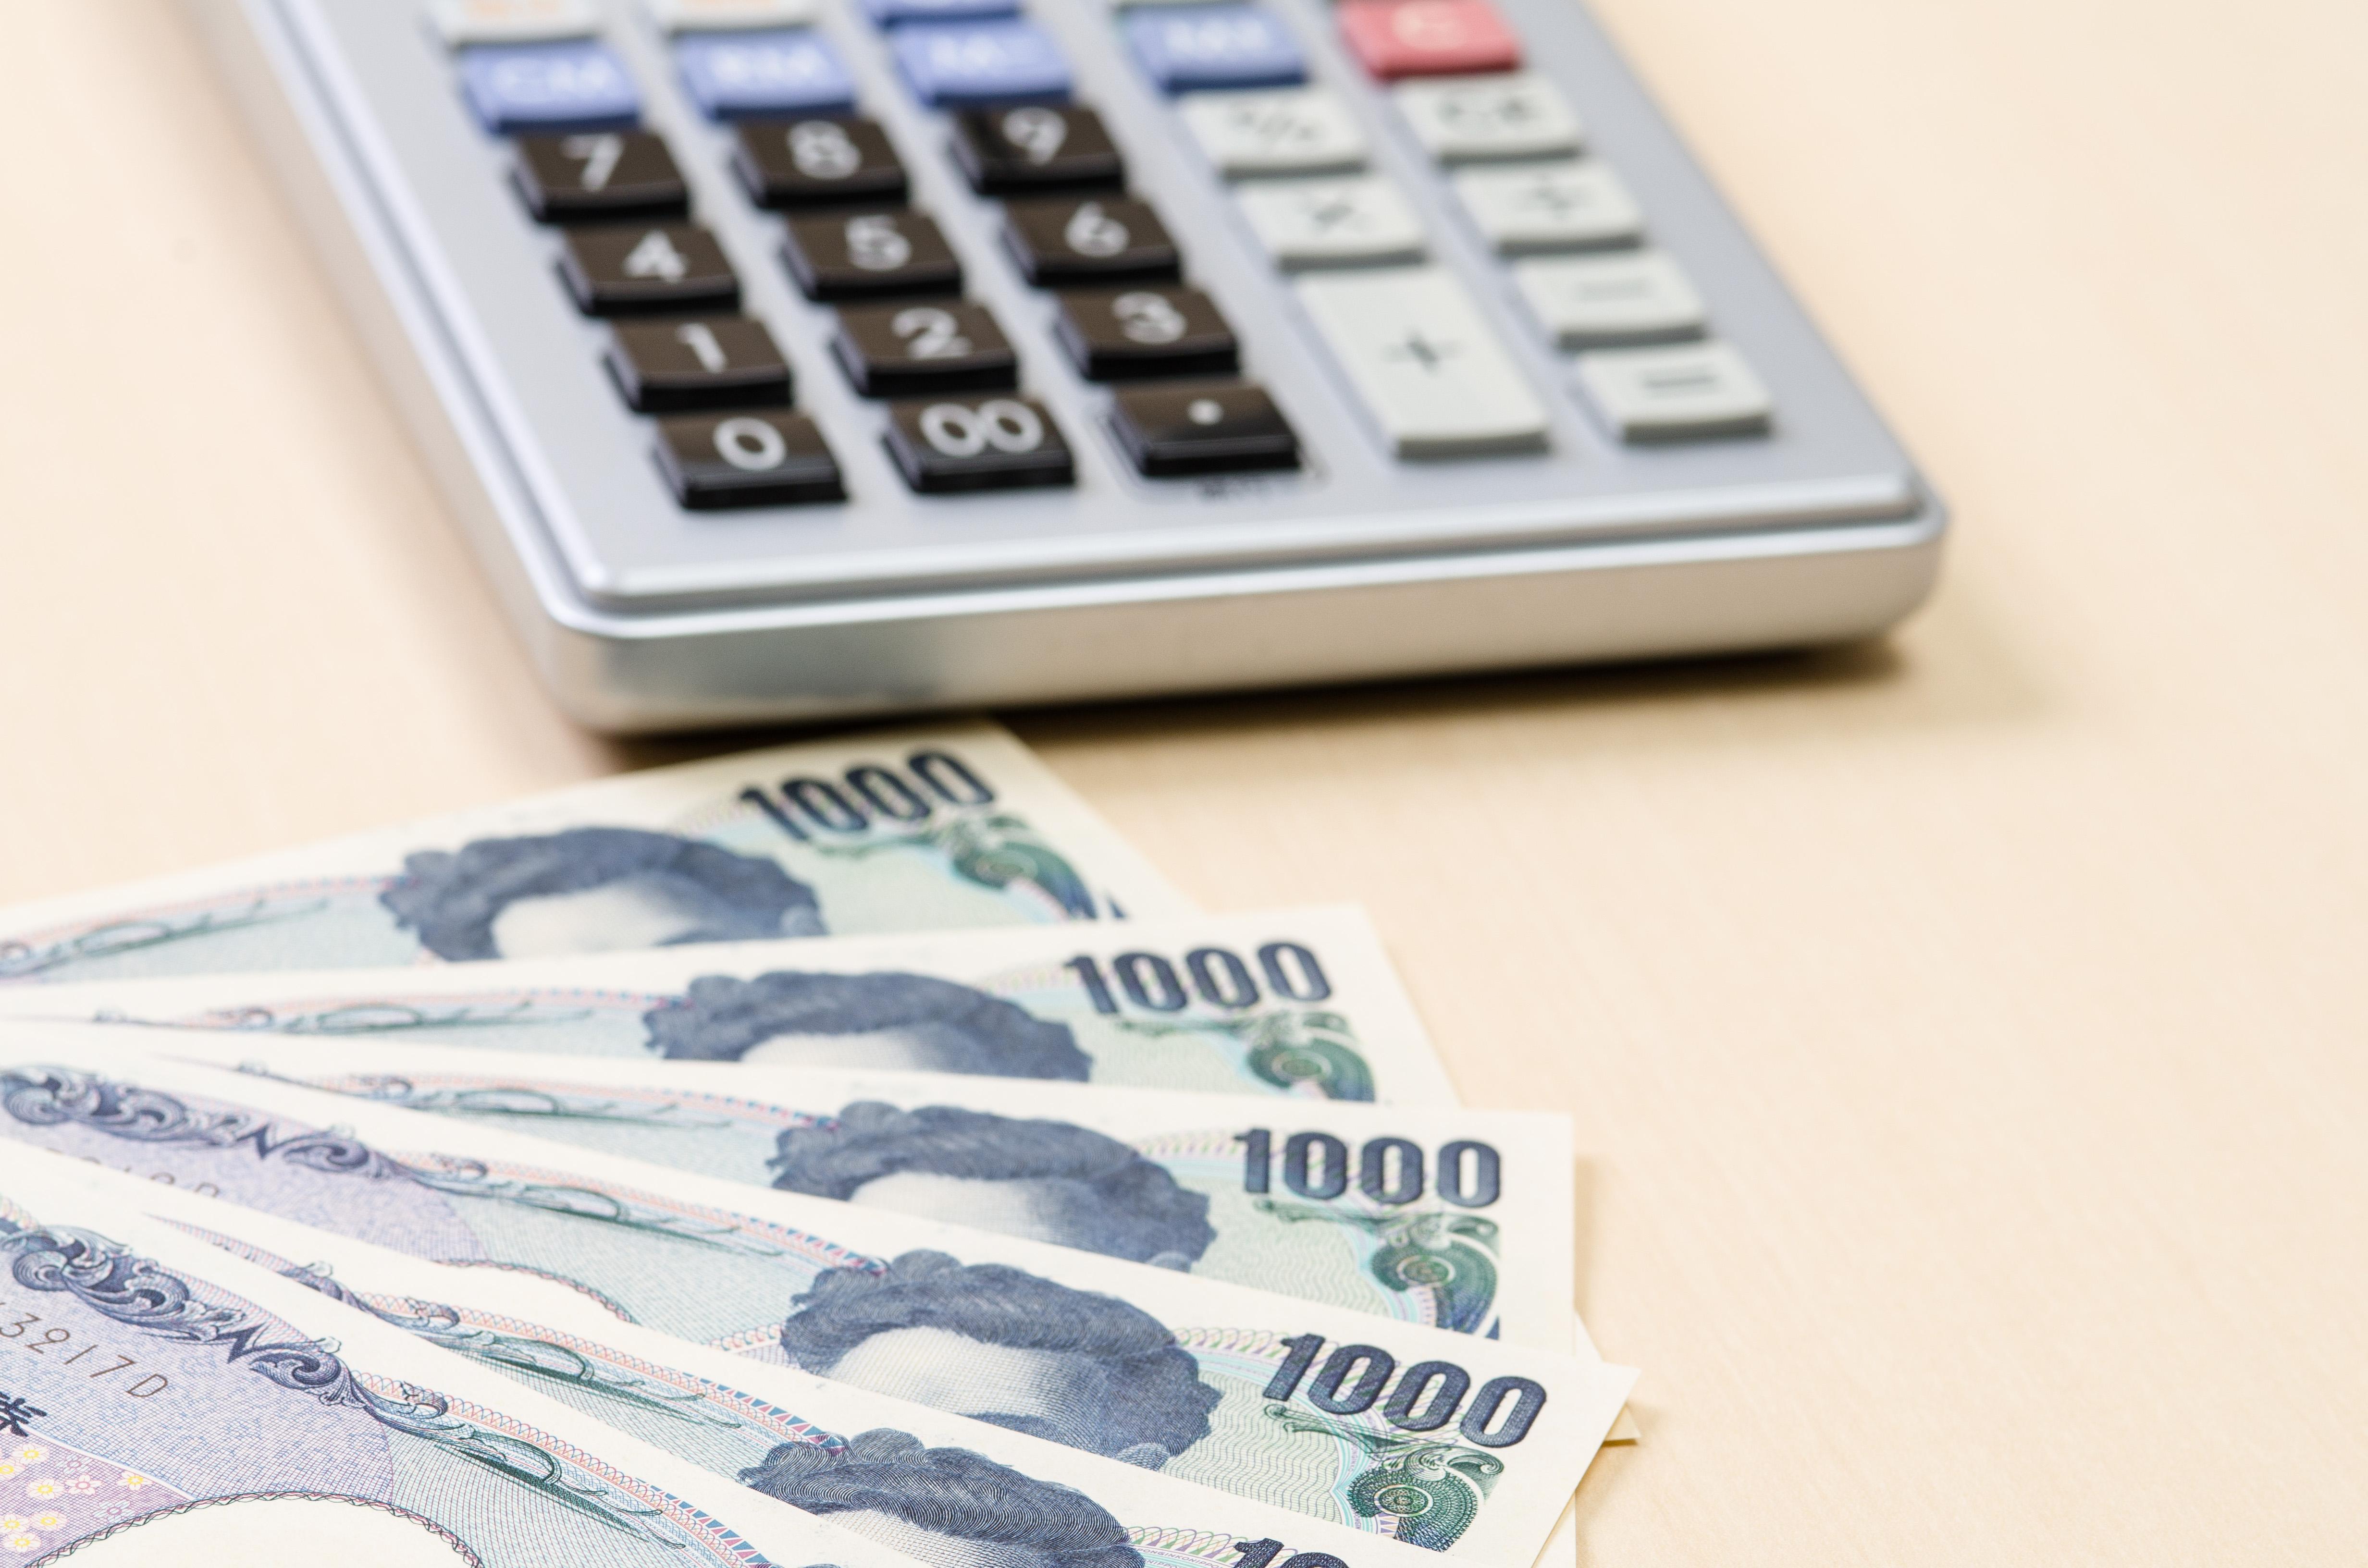 食材宅配サービスの価格ランキング